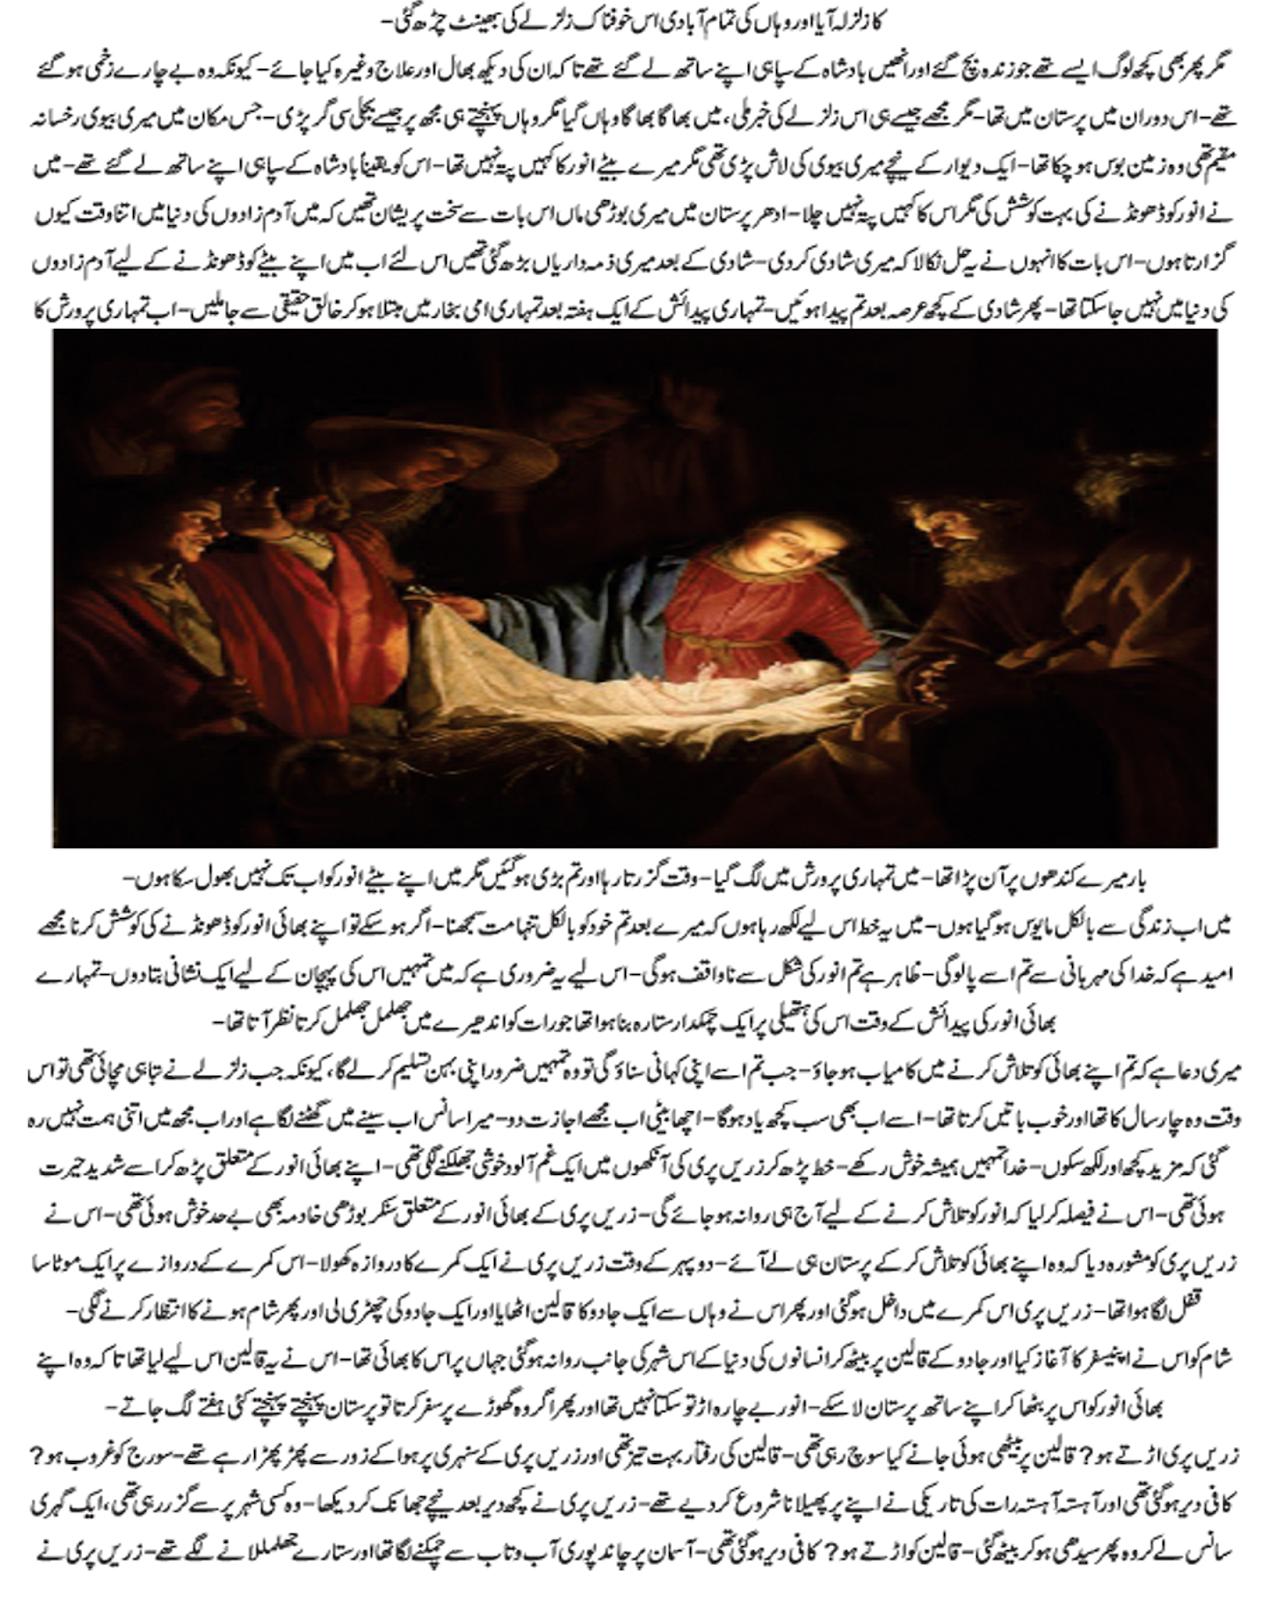 Pari ko Bahi ki Talaash Hindi kahani urdu